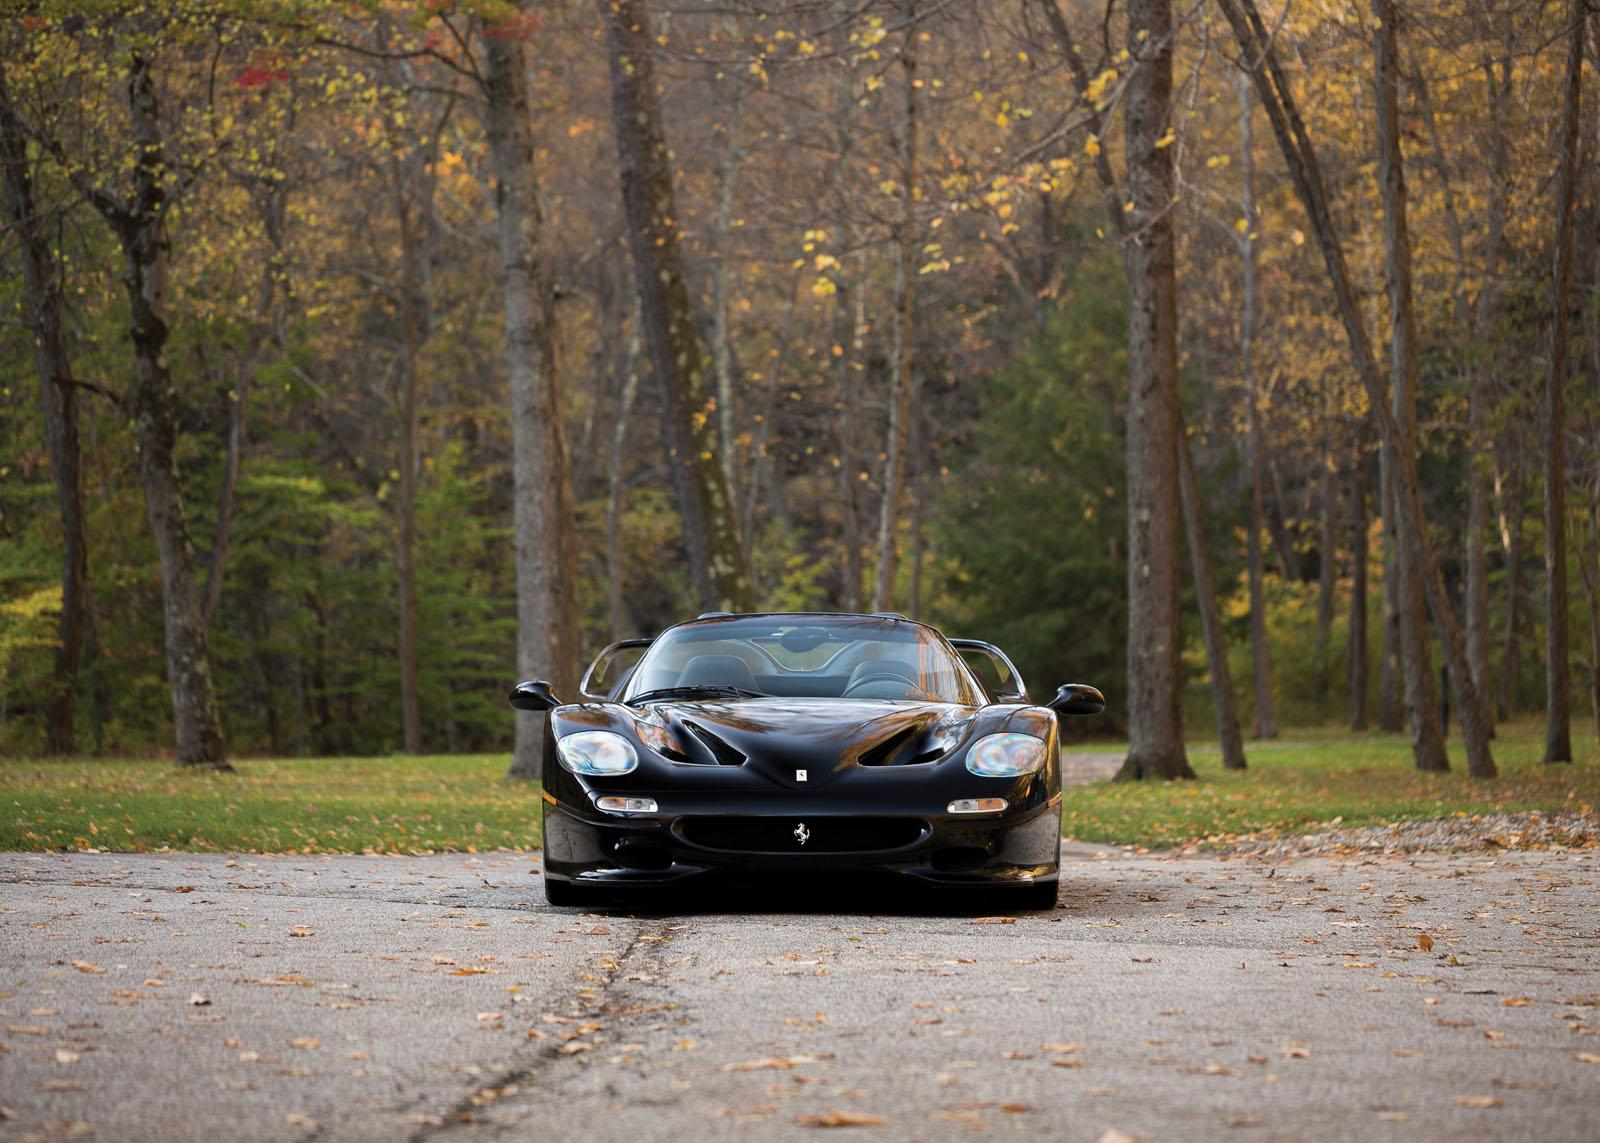 Black Ferrari F50 in auction (6)